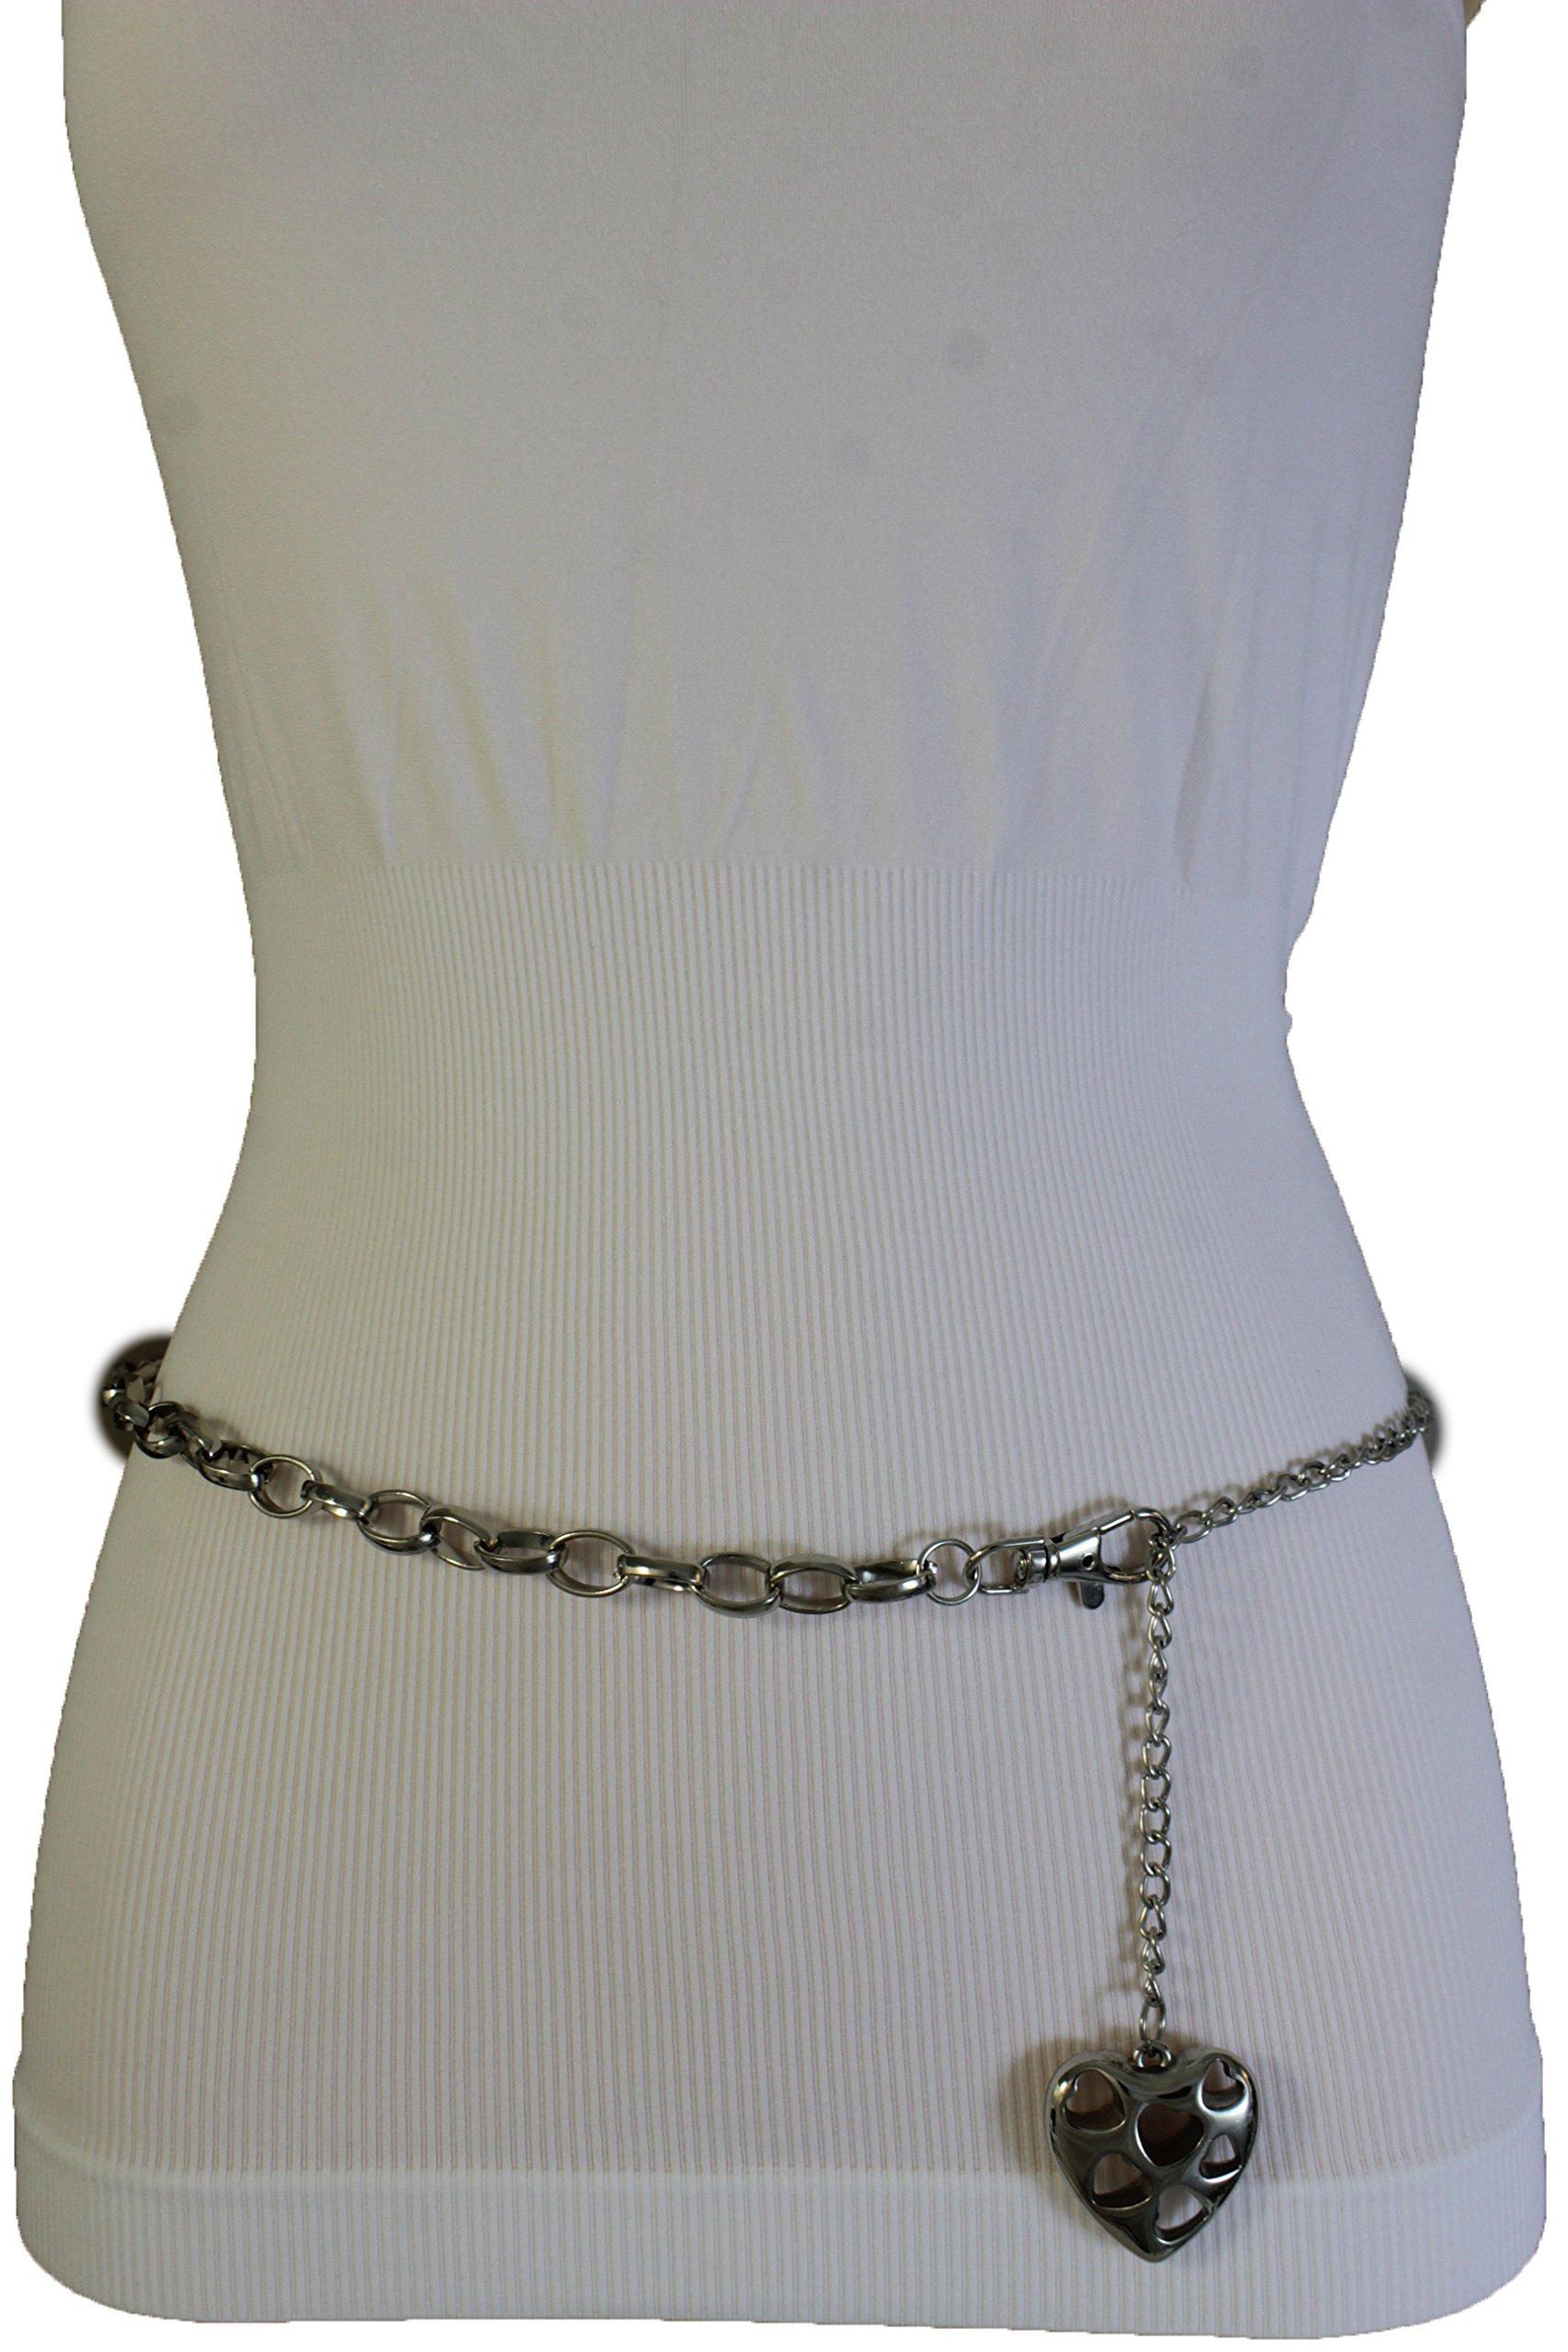 TFJ Women Fashion Silver Metal Chains Belt Love Heart Charm Plus M L XL